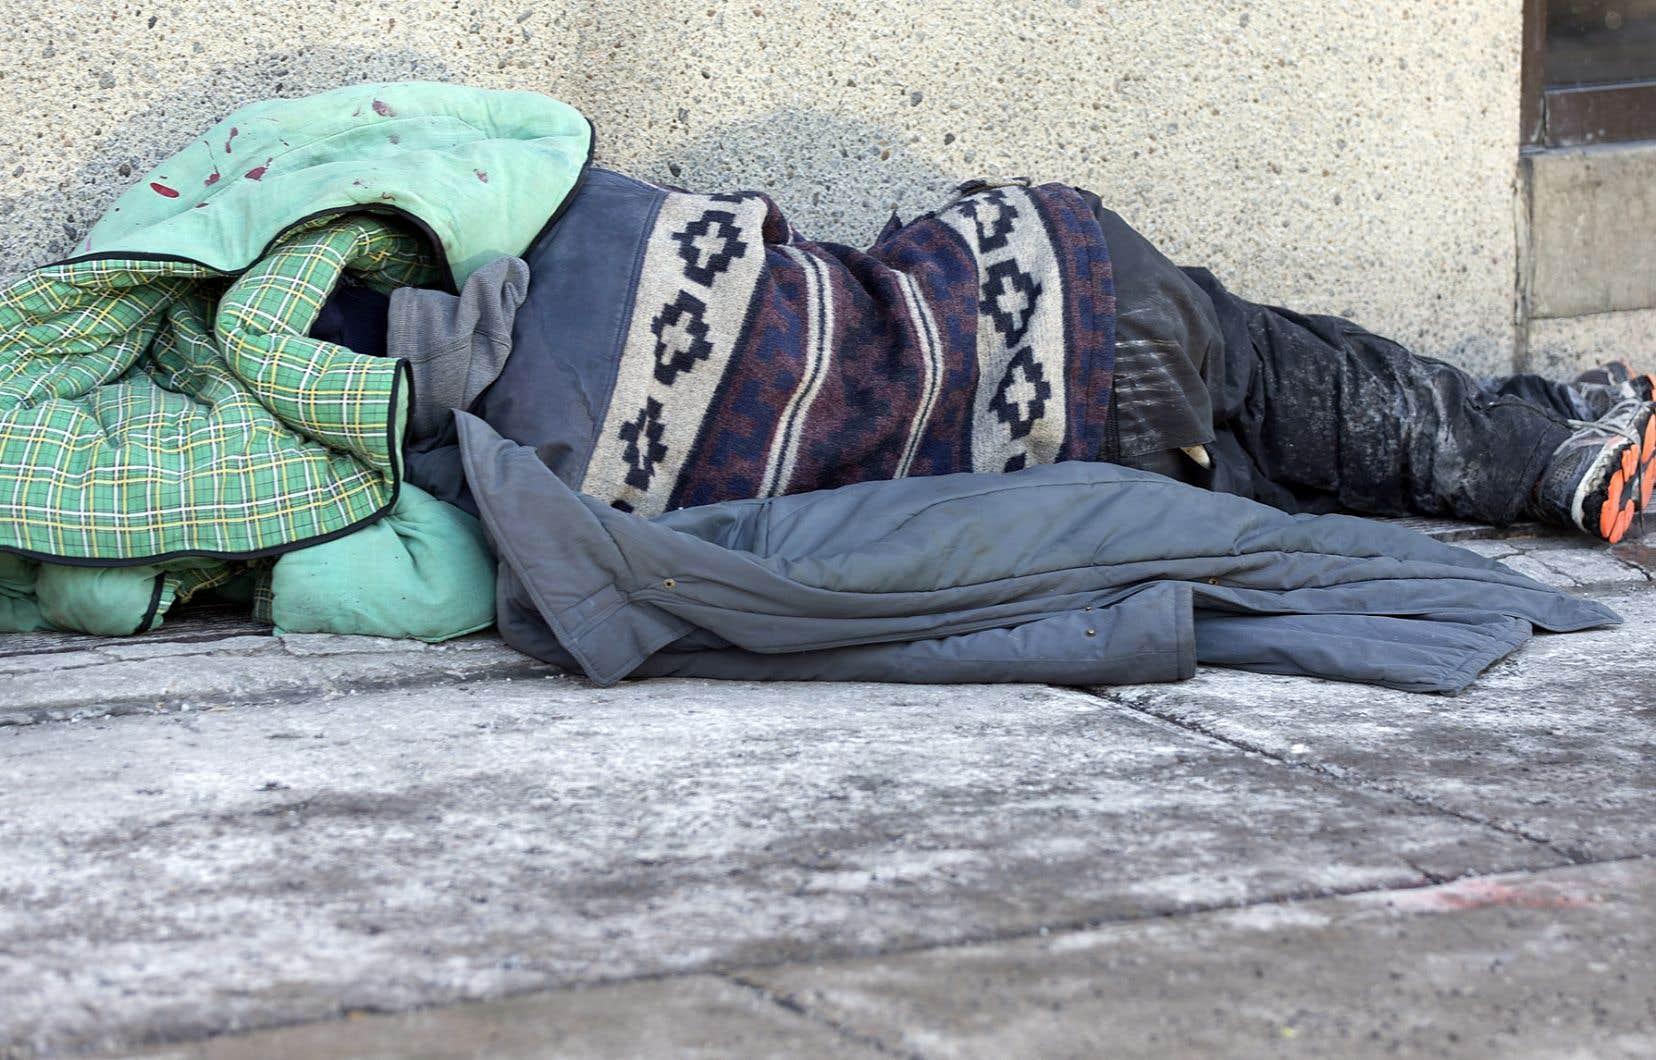 Des centaines de sans-abri souffrant d'une dépendance à l'alcool continuent de dormir dans les rues de la métropole, faute de ressources pouvant accueillir les personnes intoxiquées, selon la Ville.